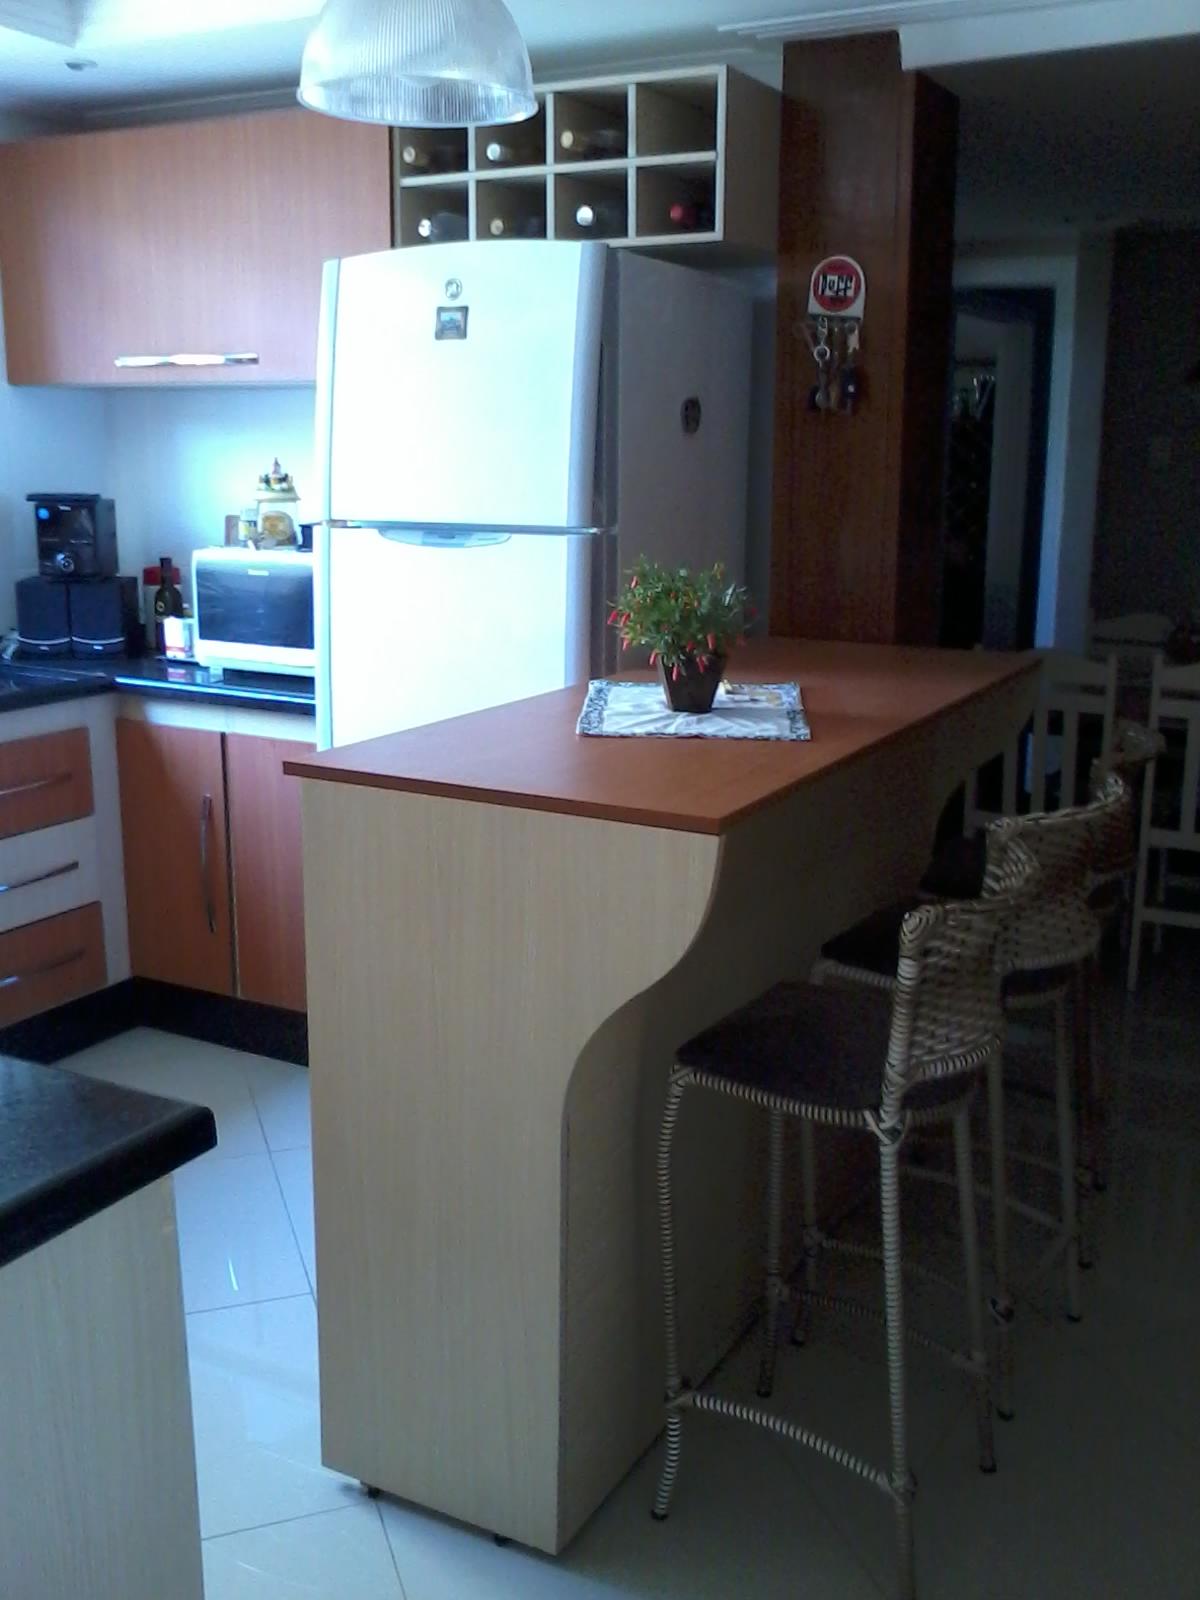 Marcenaria: Cozinha planejada (completo)   Bancada com Armário #2971A2 1200x1600